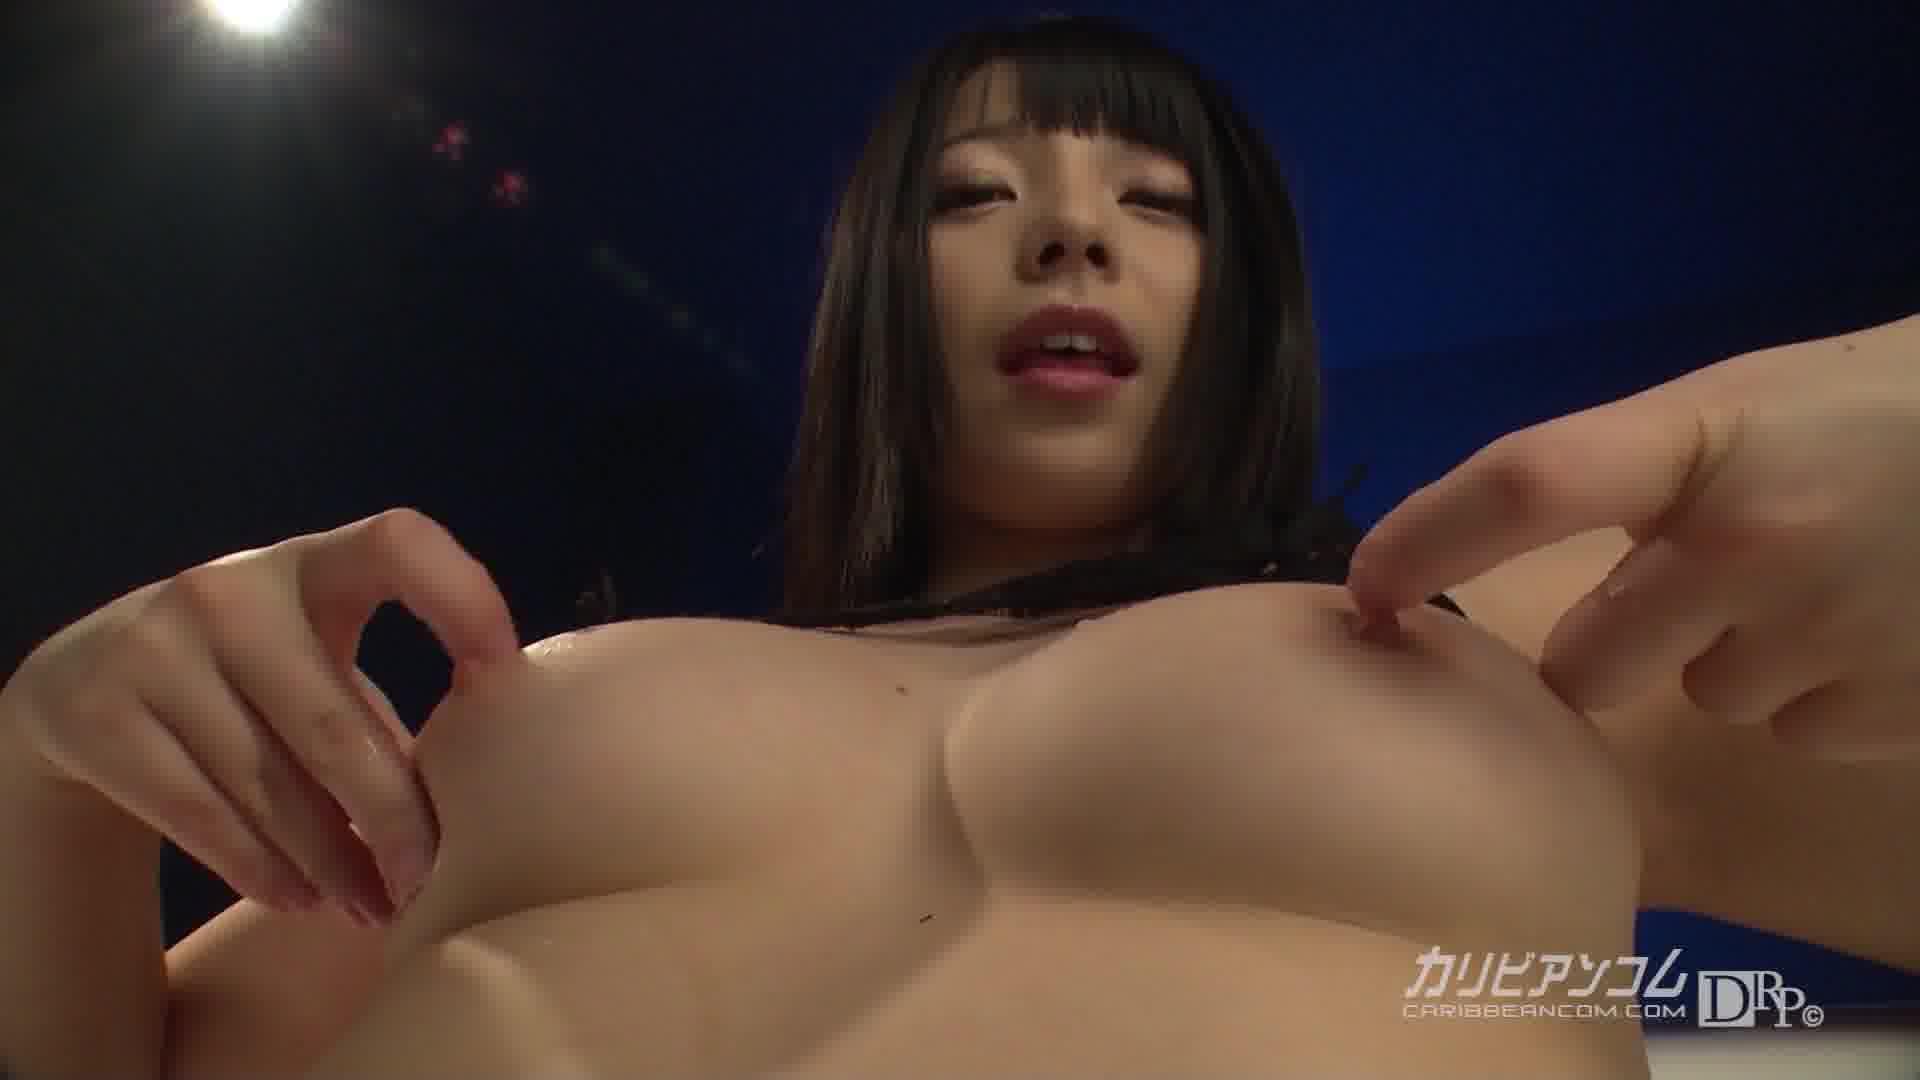 早抜き 上原亜衣BEST - 上原亜衣【巨乳・バイブ・中出し】